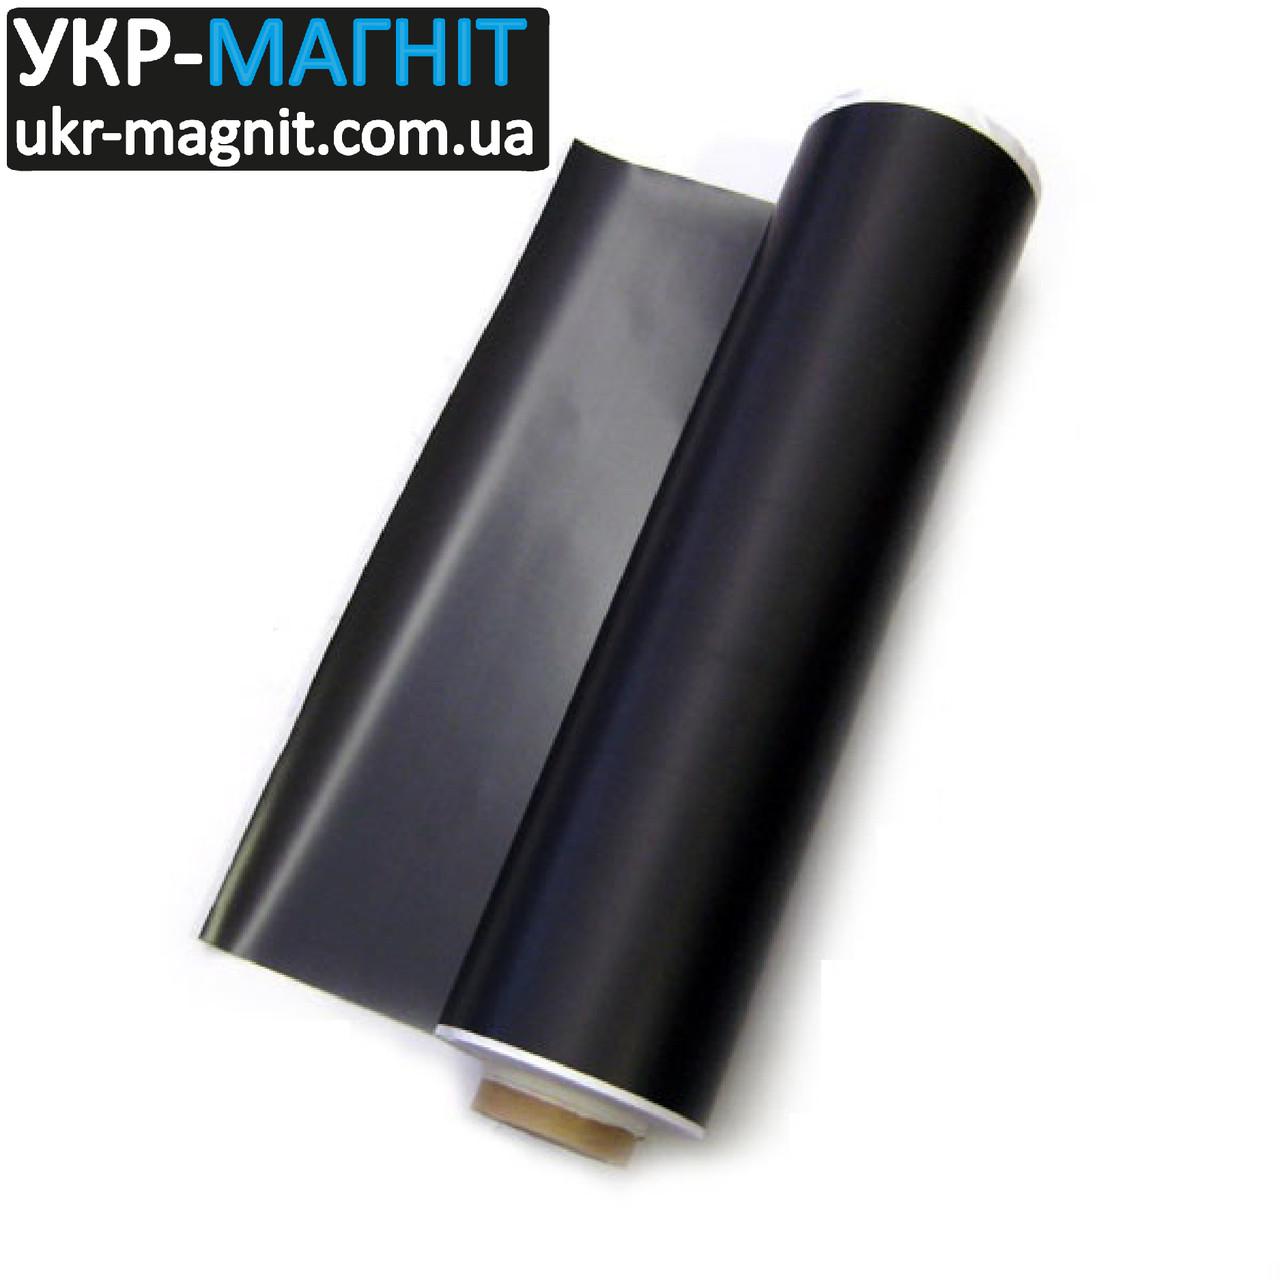 Магнитный винил 0,4мм без клеевого слоя (0,62м х 30м)